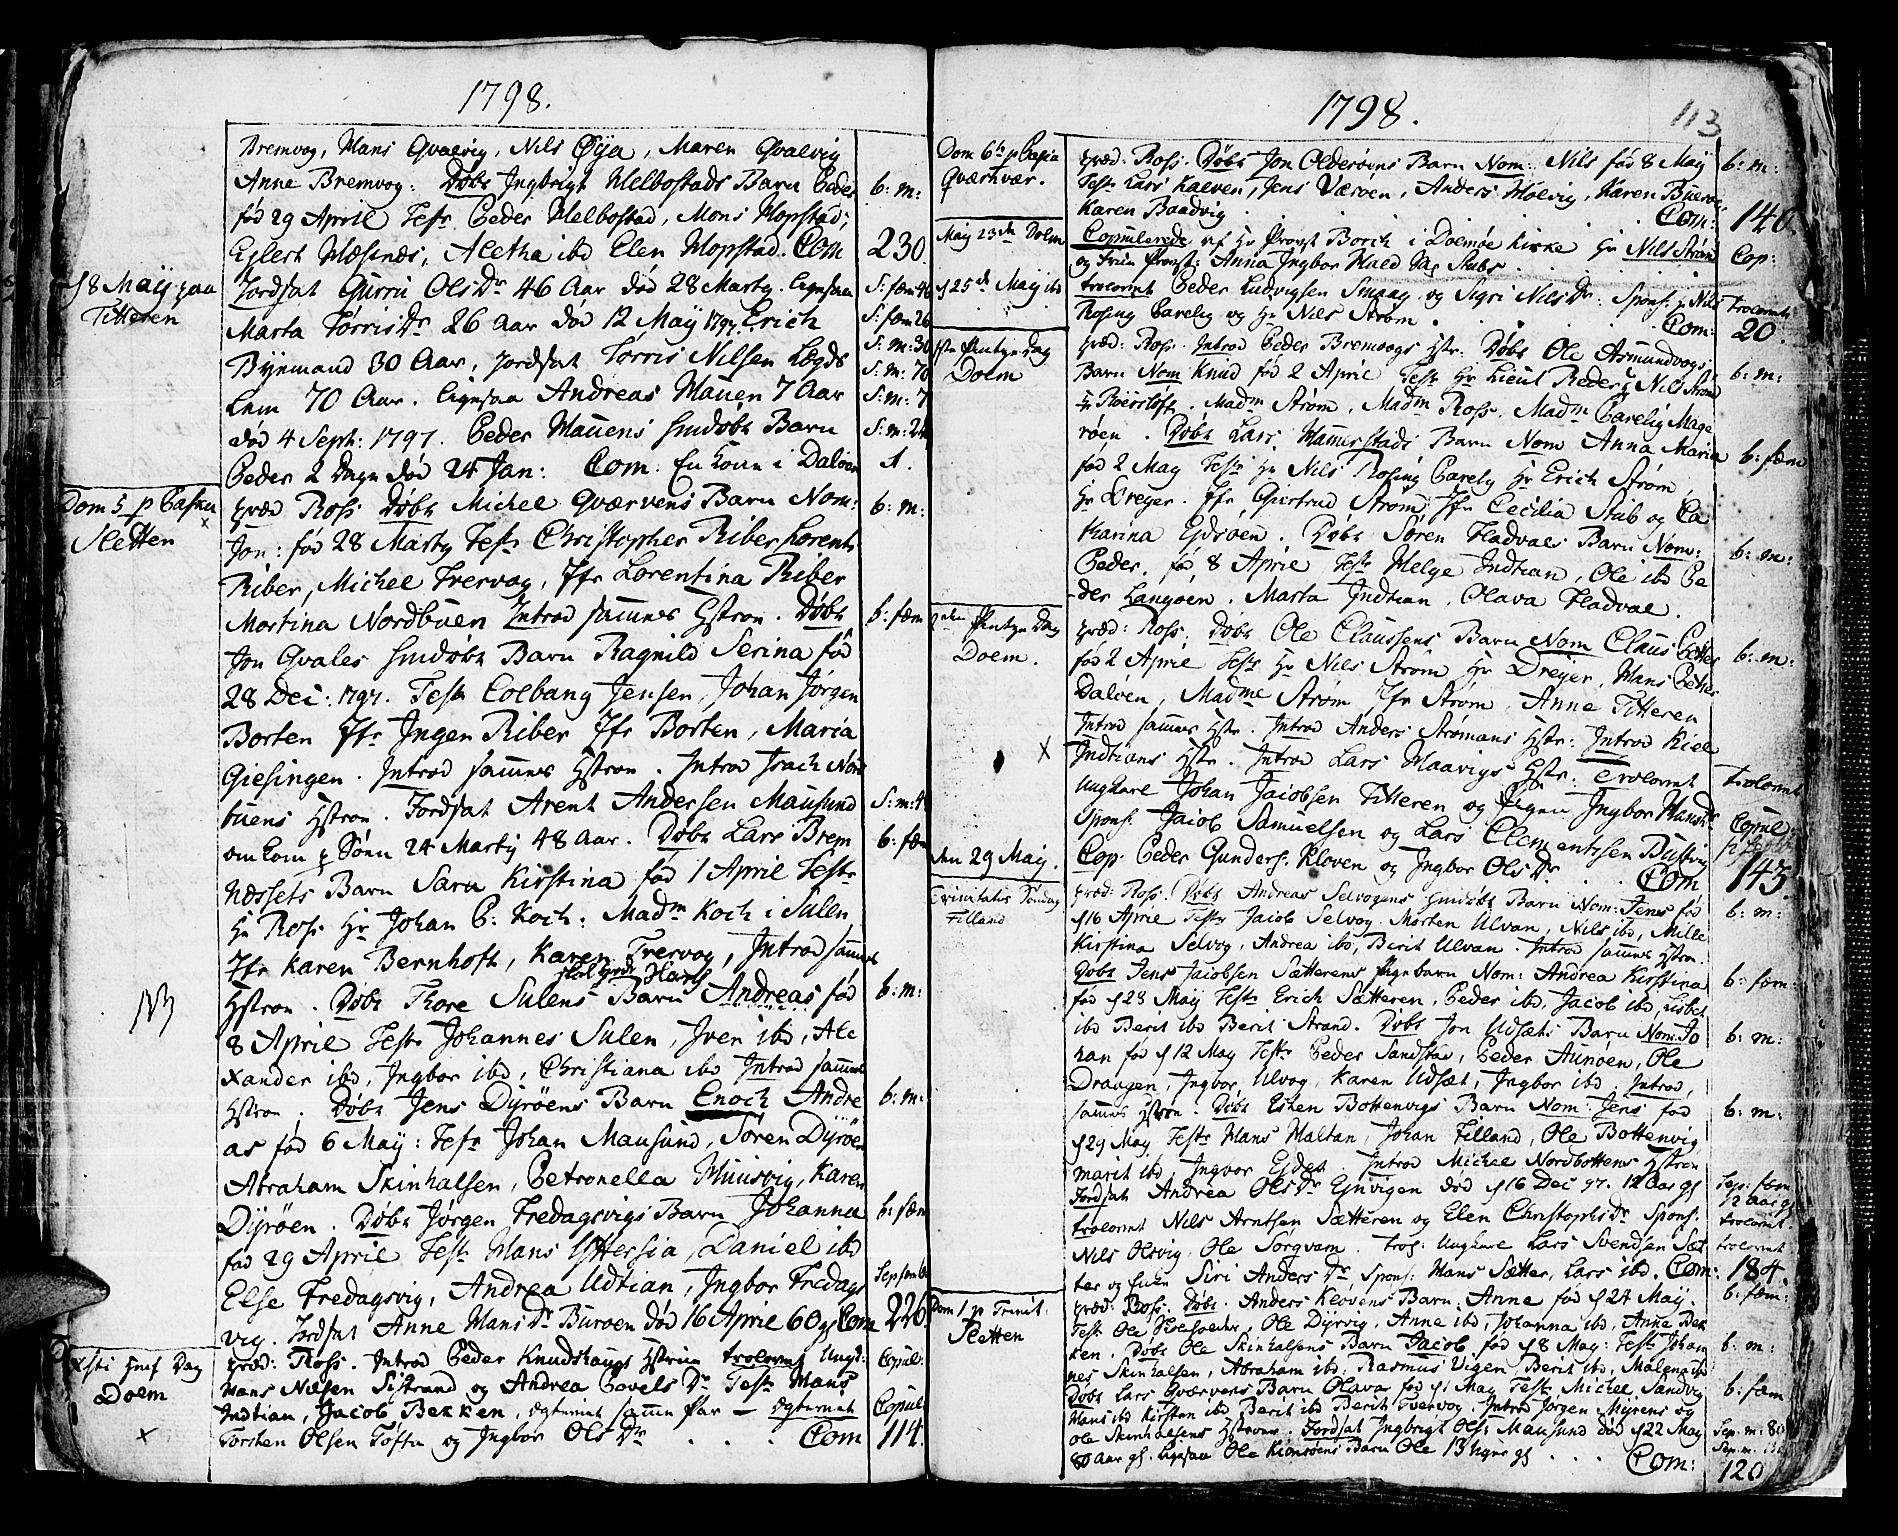 SAT, Ministerialprotokoller, klokkerbøker og fødselsregistre - Sør-Trøndelag, 634/L0526: Ministerialbok nr. 634A02, 1775-1818, s. 113